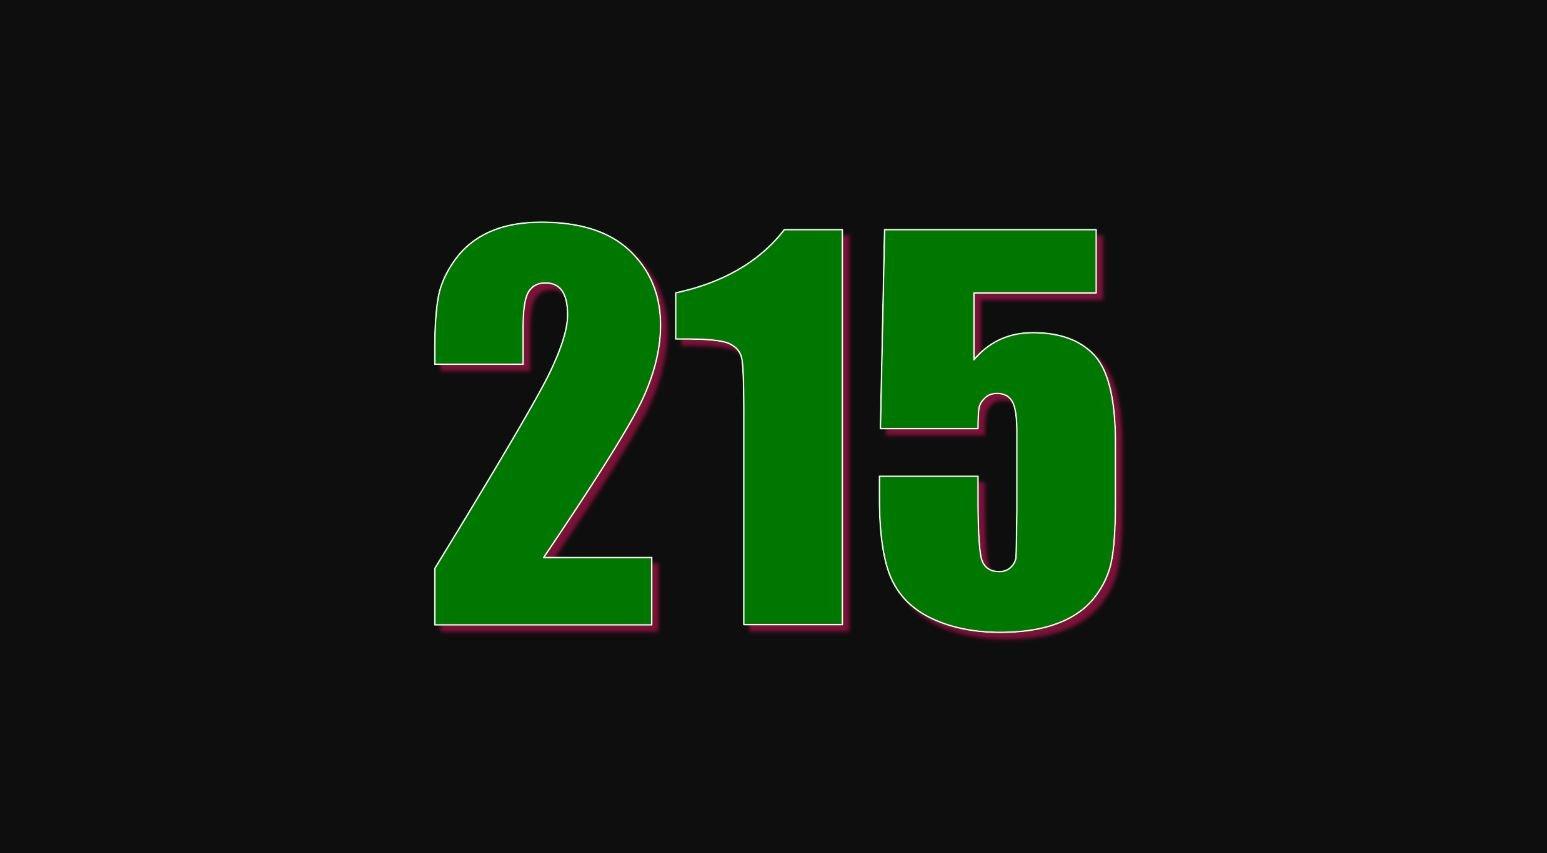 Significado del número 215